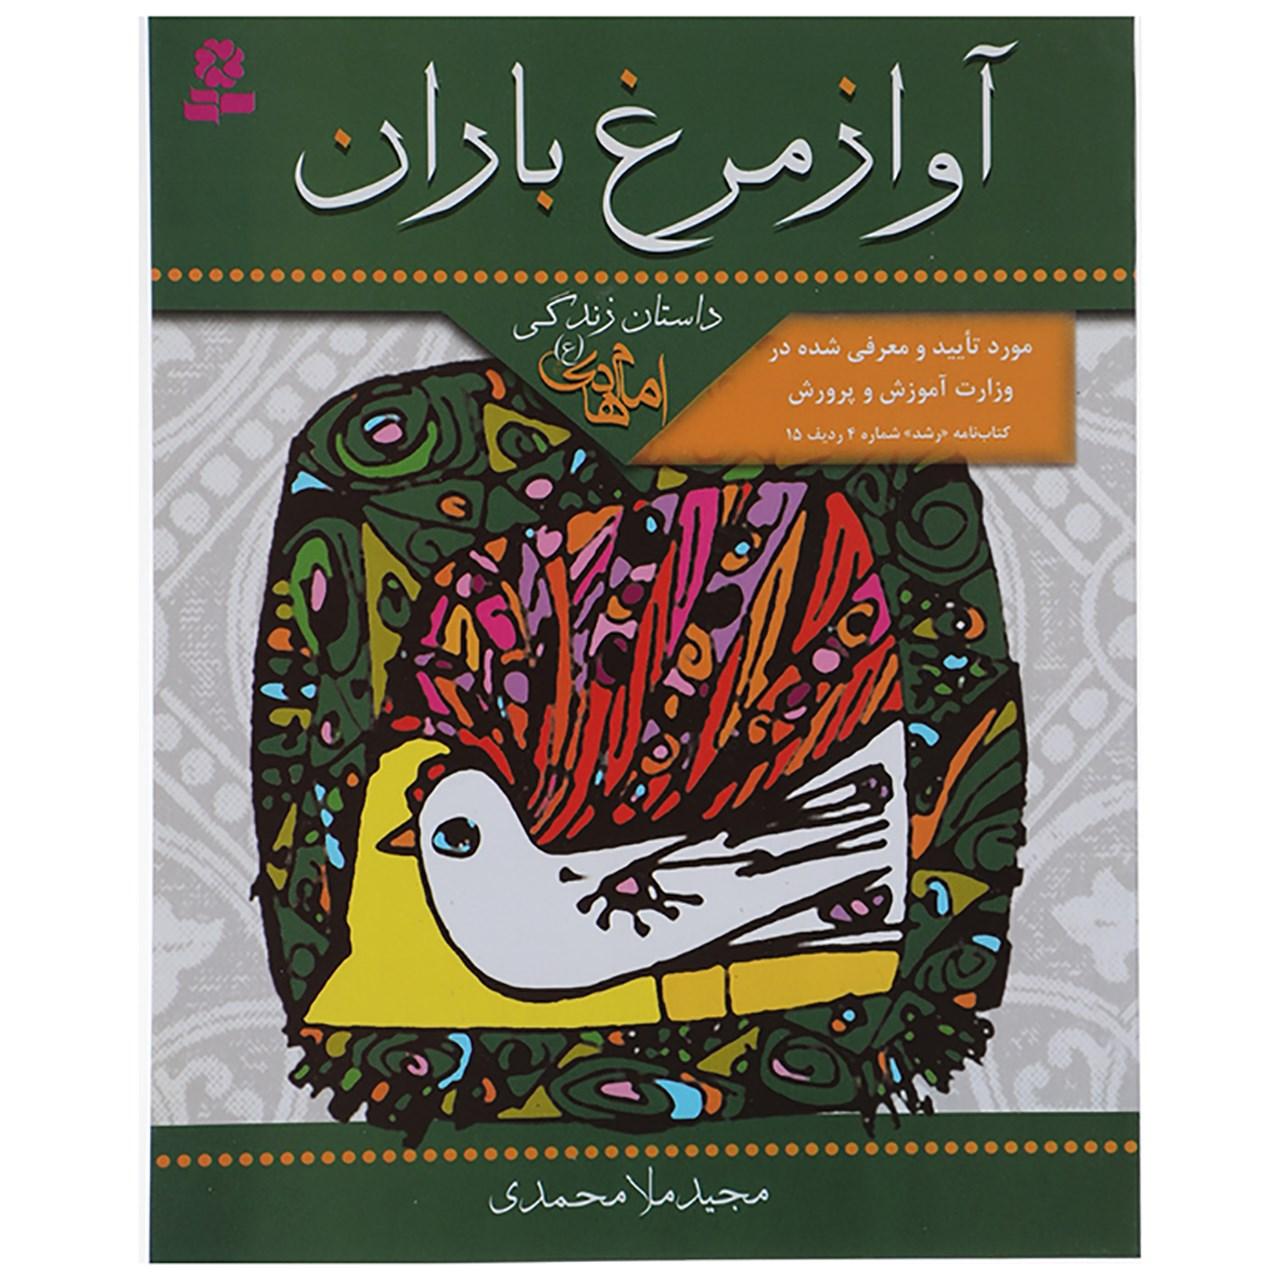 کتاب آواز مرغ باران اثر مجید ملامحمدی